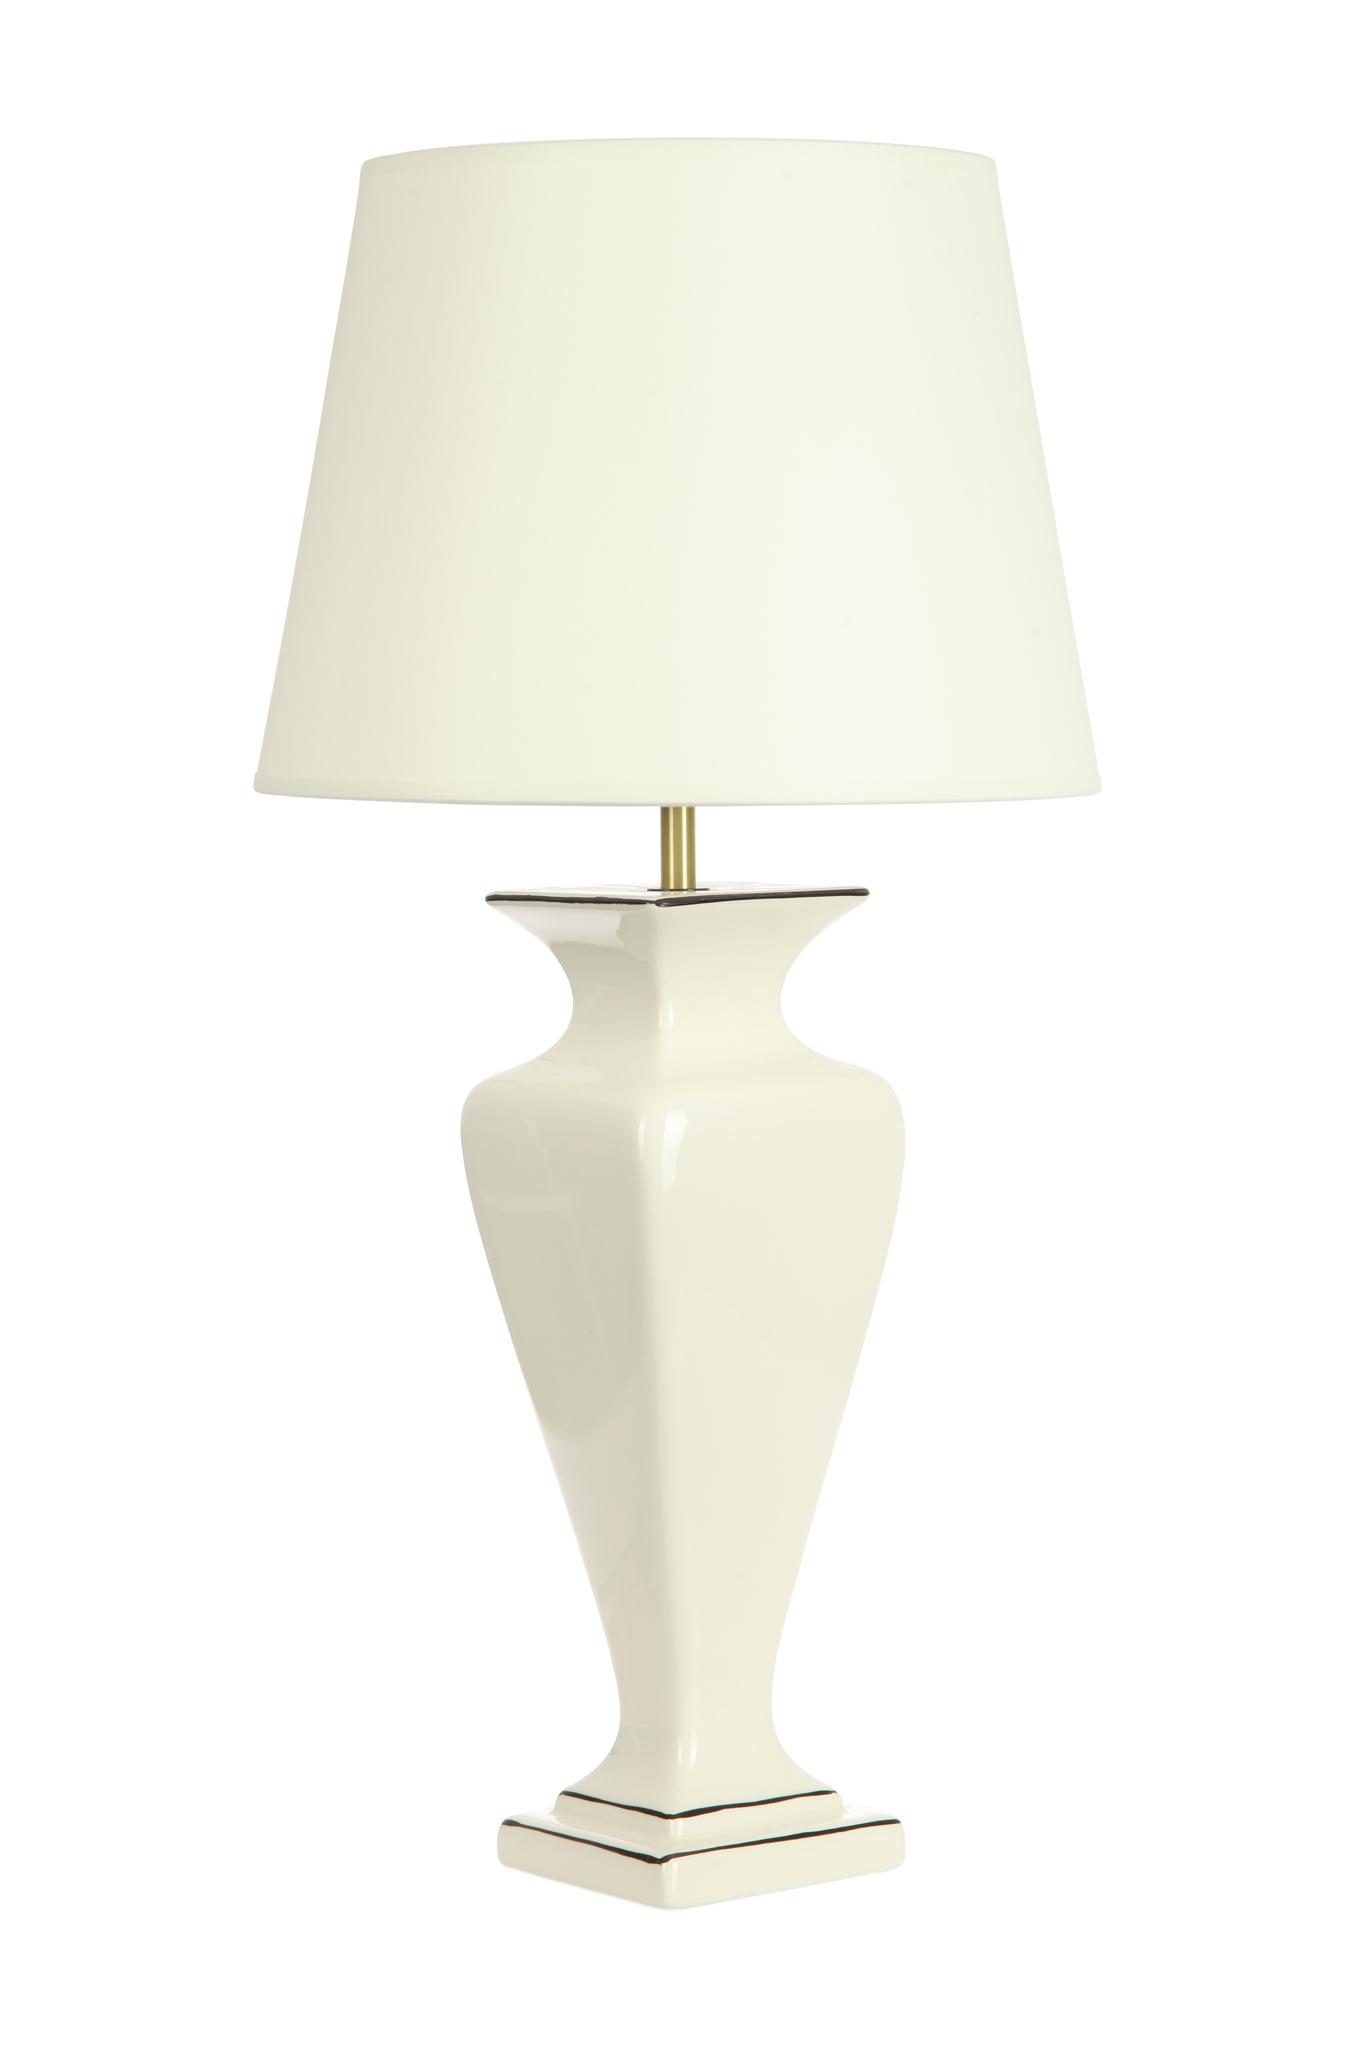 Лампа настольная Sporvil 2227-1322TC/Percal-1